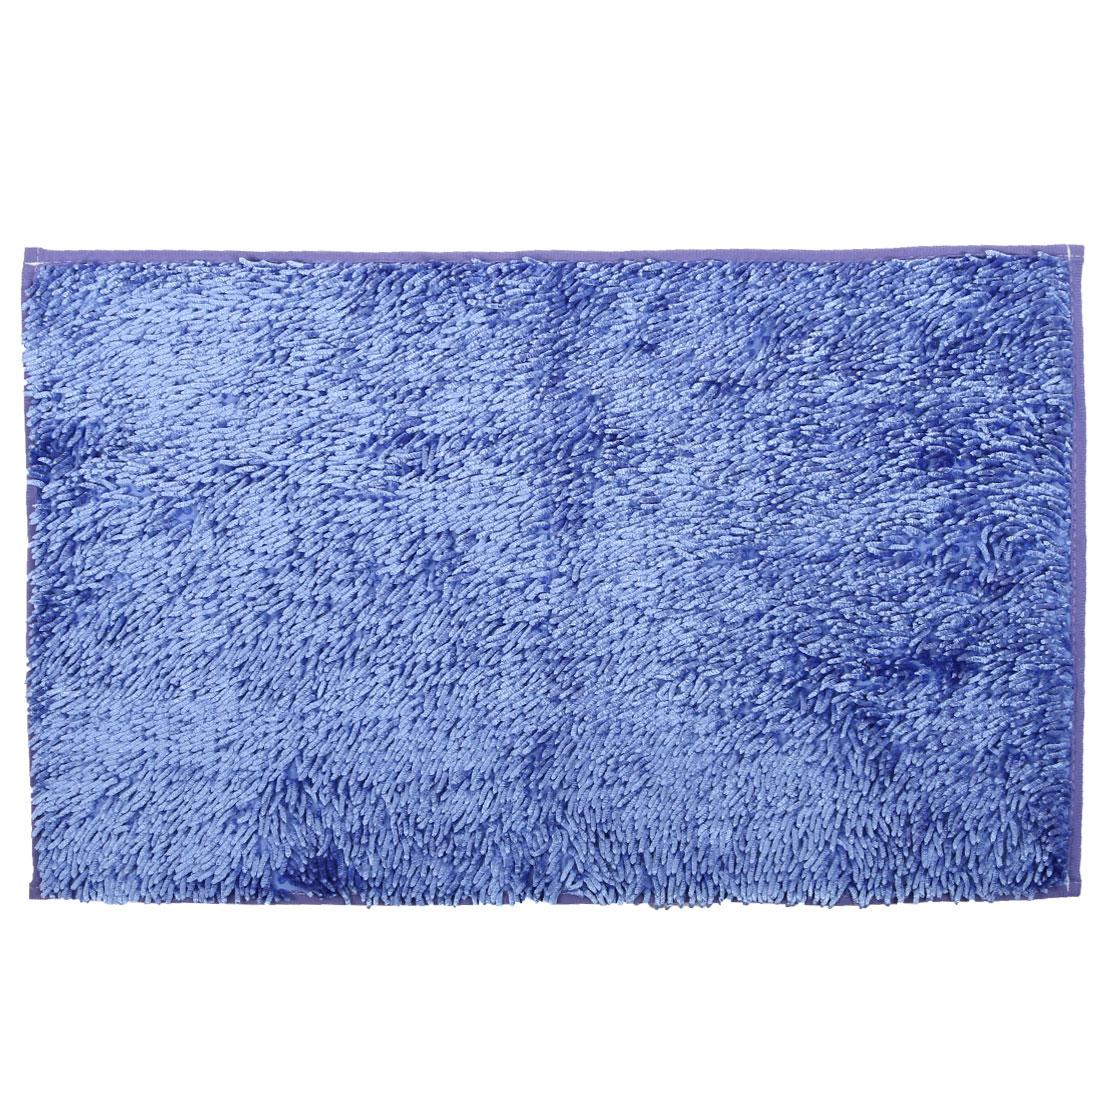 Home Bathroom Non Slip Absorbent Bath Rug Mat Shower Carpet Blue 32 x 20 Inches